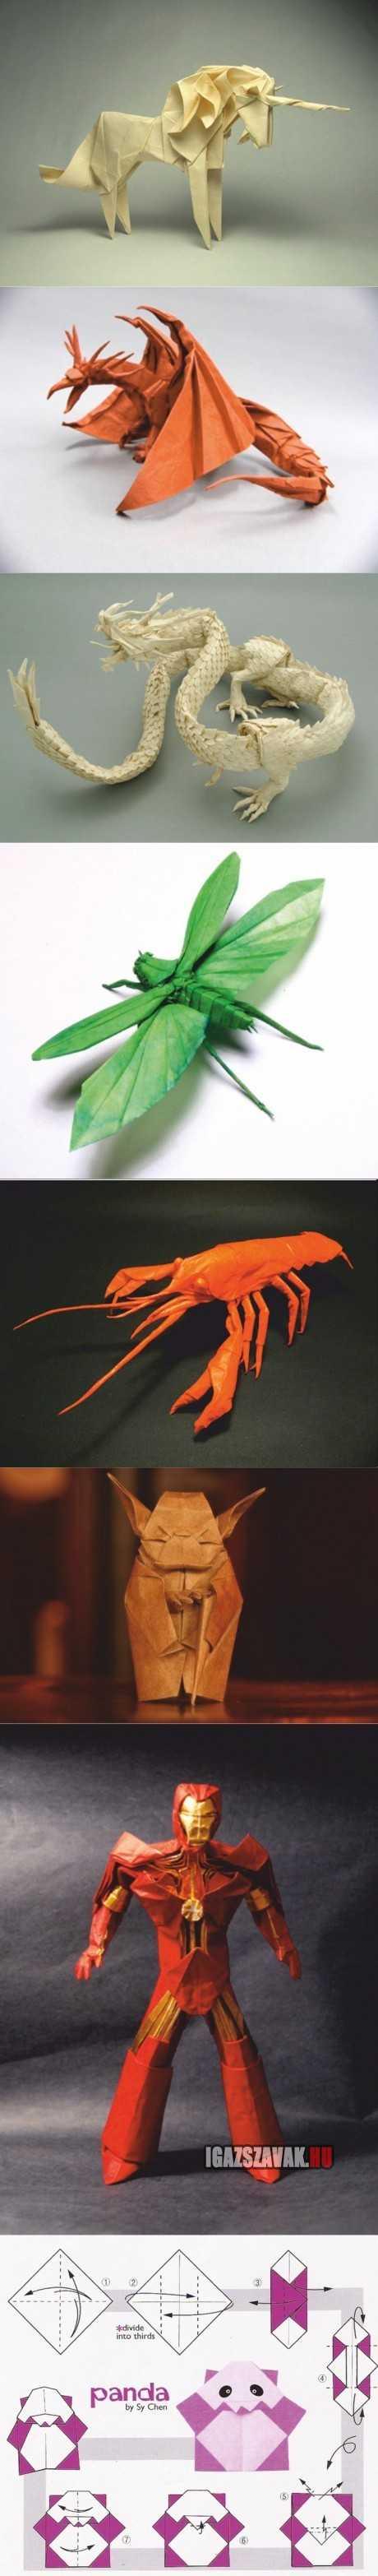 nem ma kezdték elképesztő origami alkotások.és a végén egy meglepi